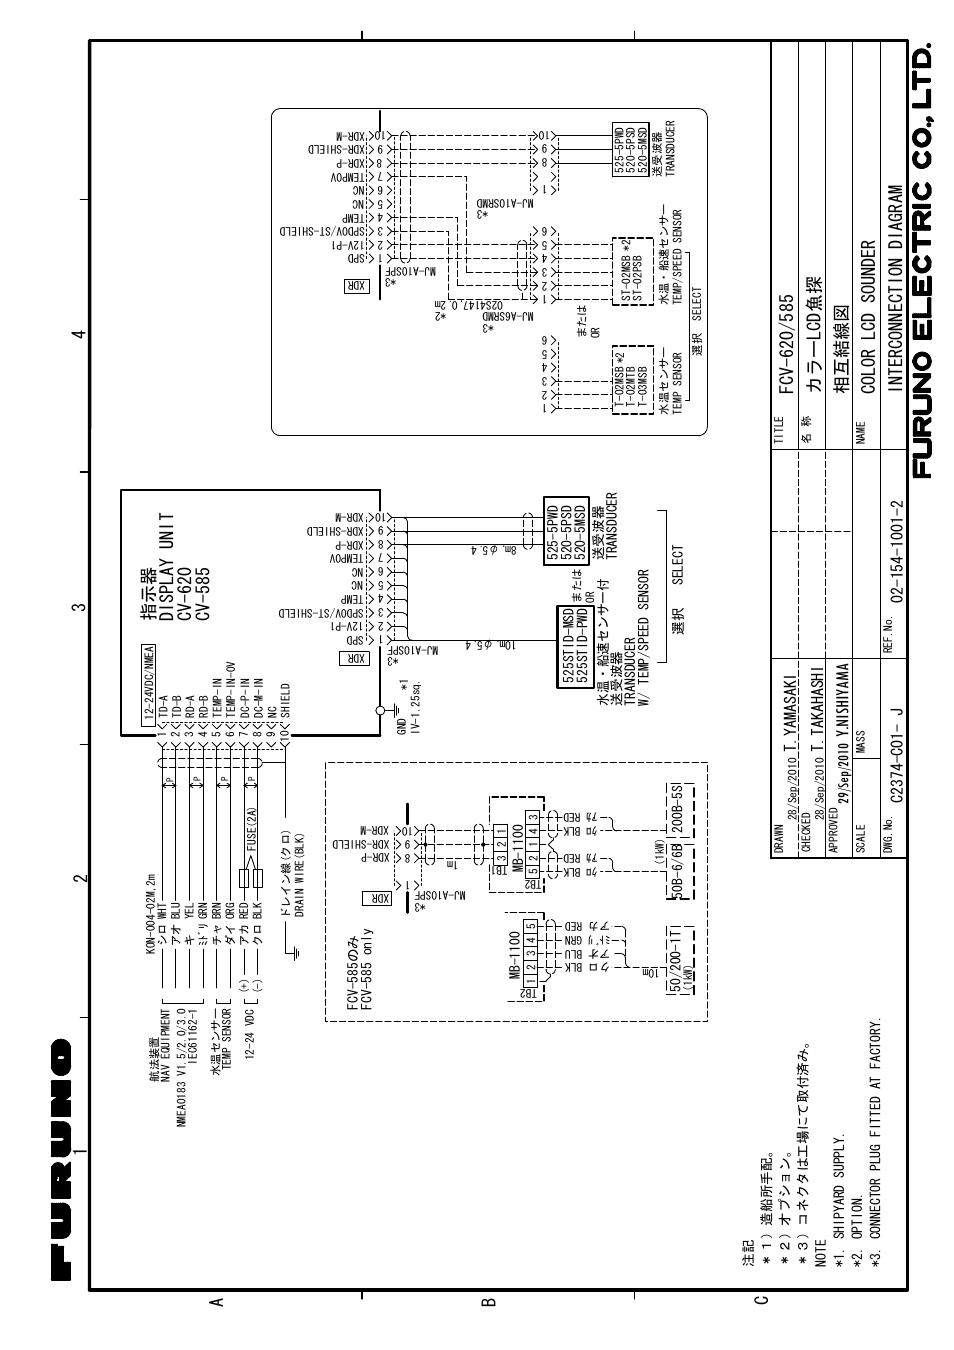 hight resolution of furuno wiring diagram wiring diagram articlefuruno mb1100 wiring diagram wiring diagram expert furuno gp 31 wiring